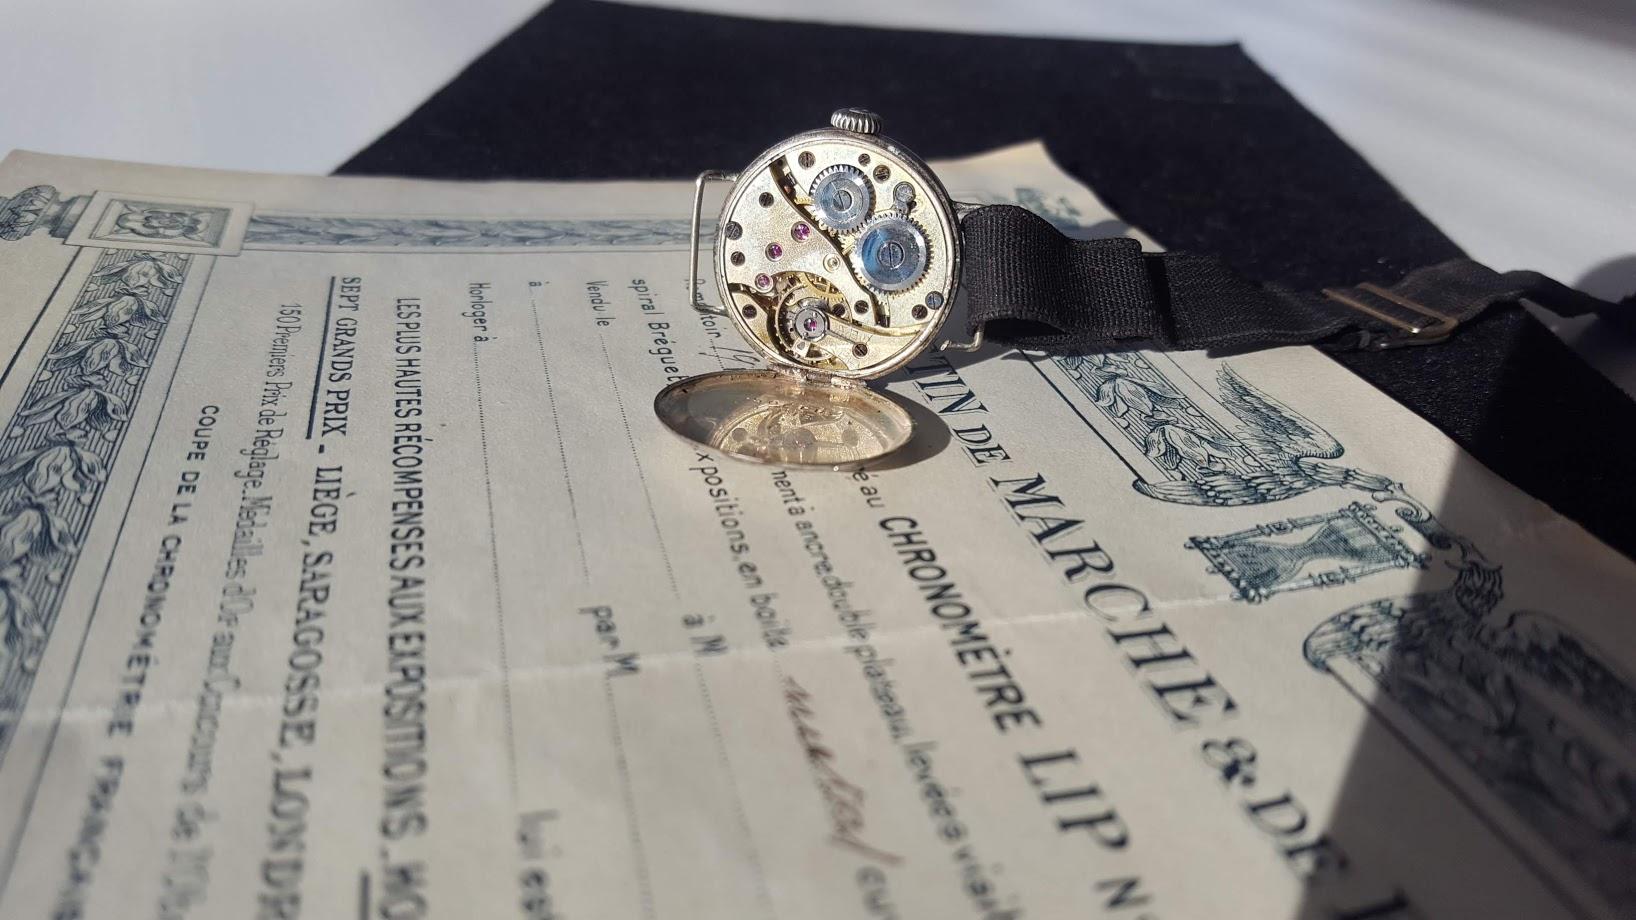 Calibre 20.3 Lip 1er mouvement manufacturé par LIPMANN en 1899 montre bracelet bulletin réglage chronométrique vers 1912